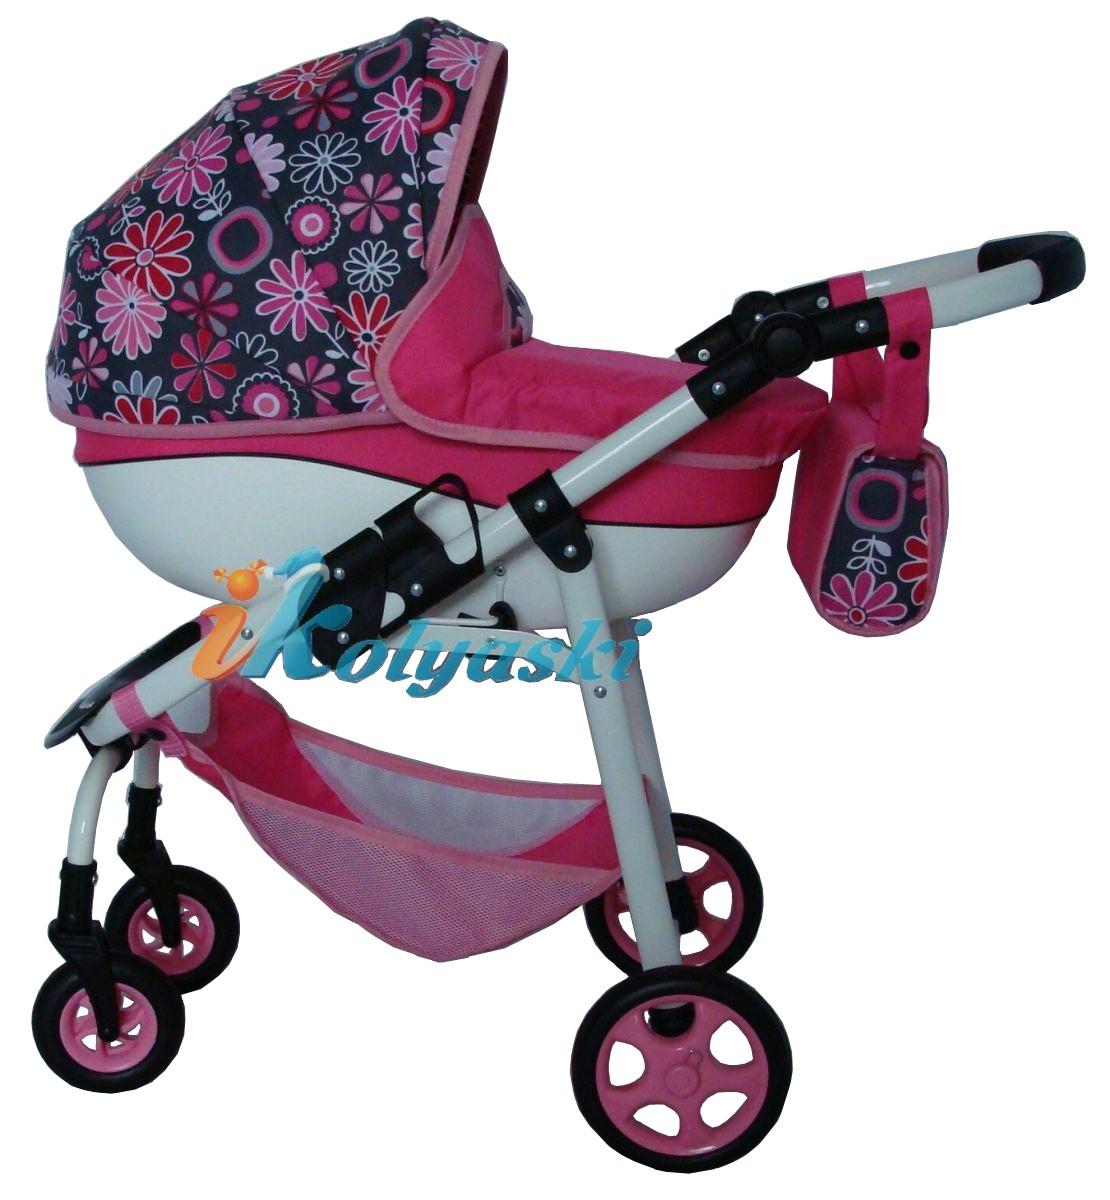 Модная кукольная коляска на поворотных колесах, коляска люлька для кукол, Ecobaby. Красивая кукольная коляска с большой пластиковой люлькой. Коляска для кукол изготовлена на том же заводе, который выпускает настоящие коляски для новорожденных деток. Коляска предназначена для детей от 2 до 10 лет. Размер коляски в готовом виде 60х36х45 см, размер ложа 56х30 см.